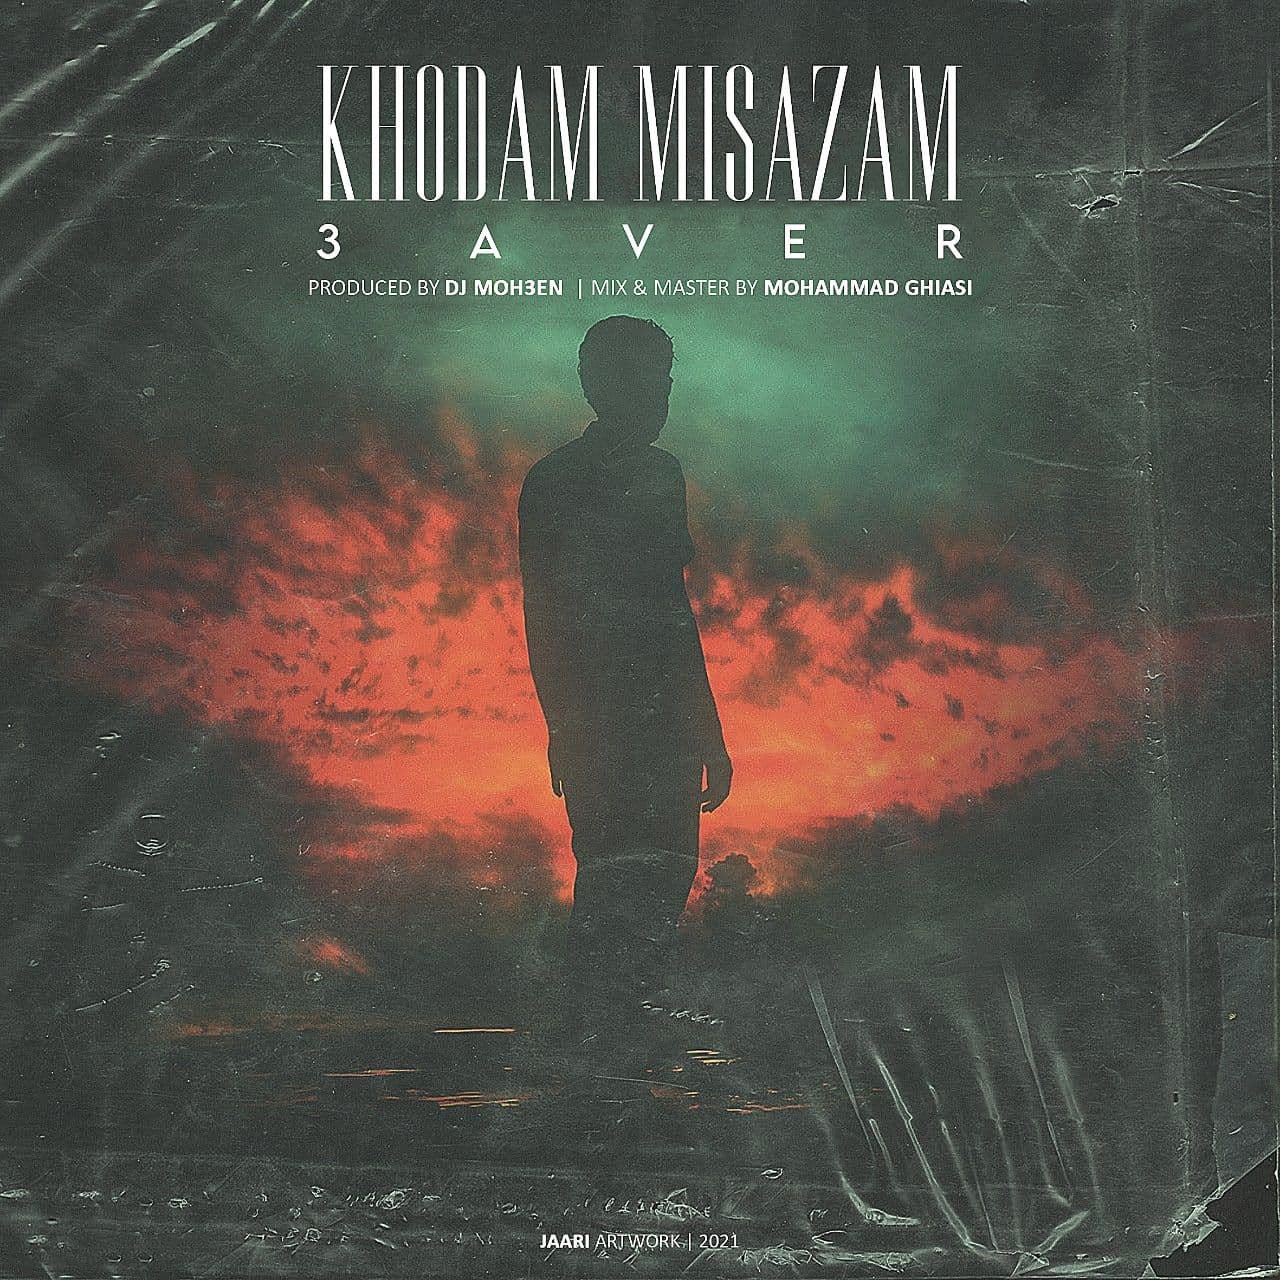 3aver - Khodam Misazam